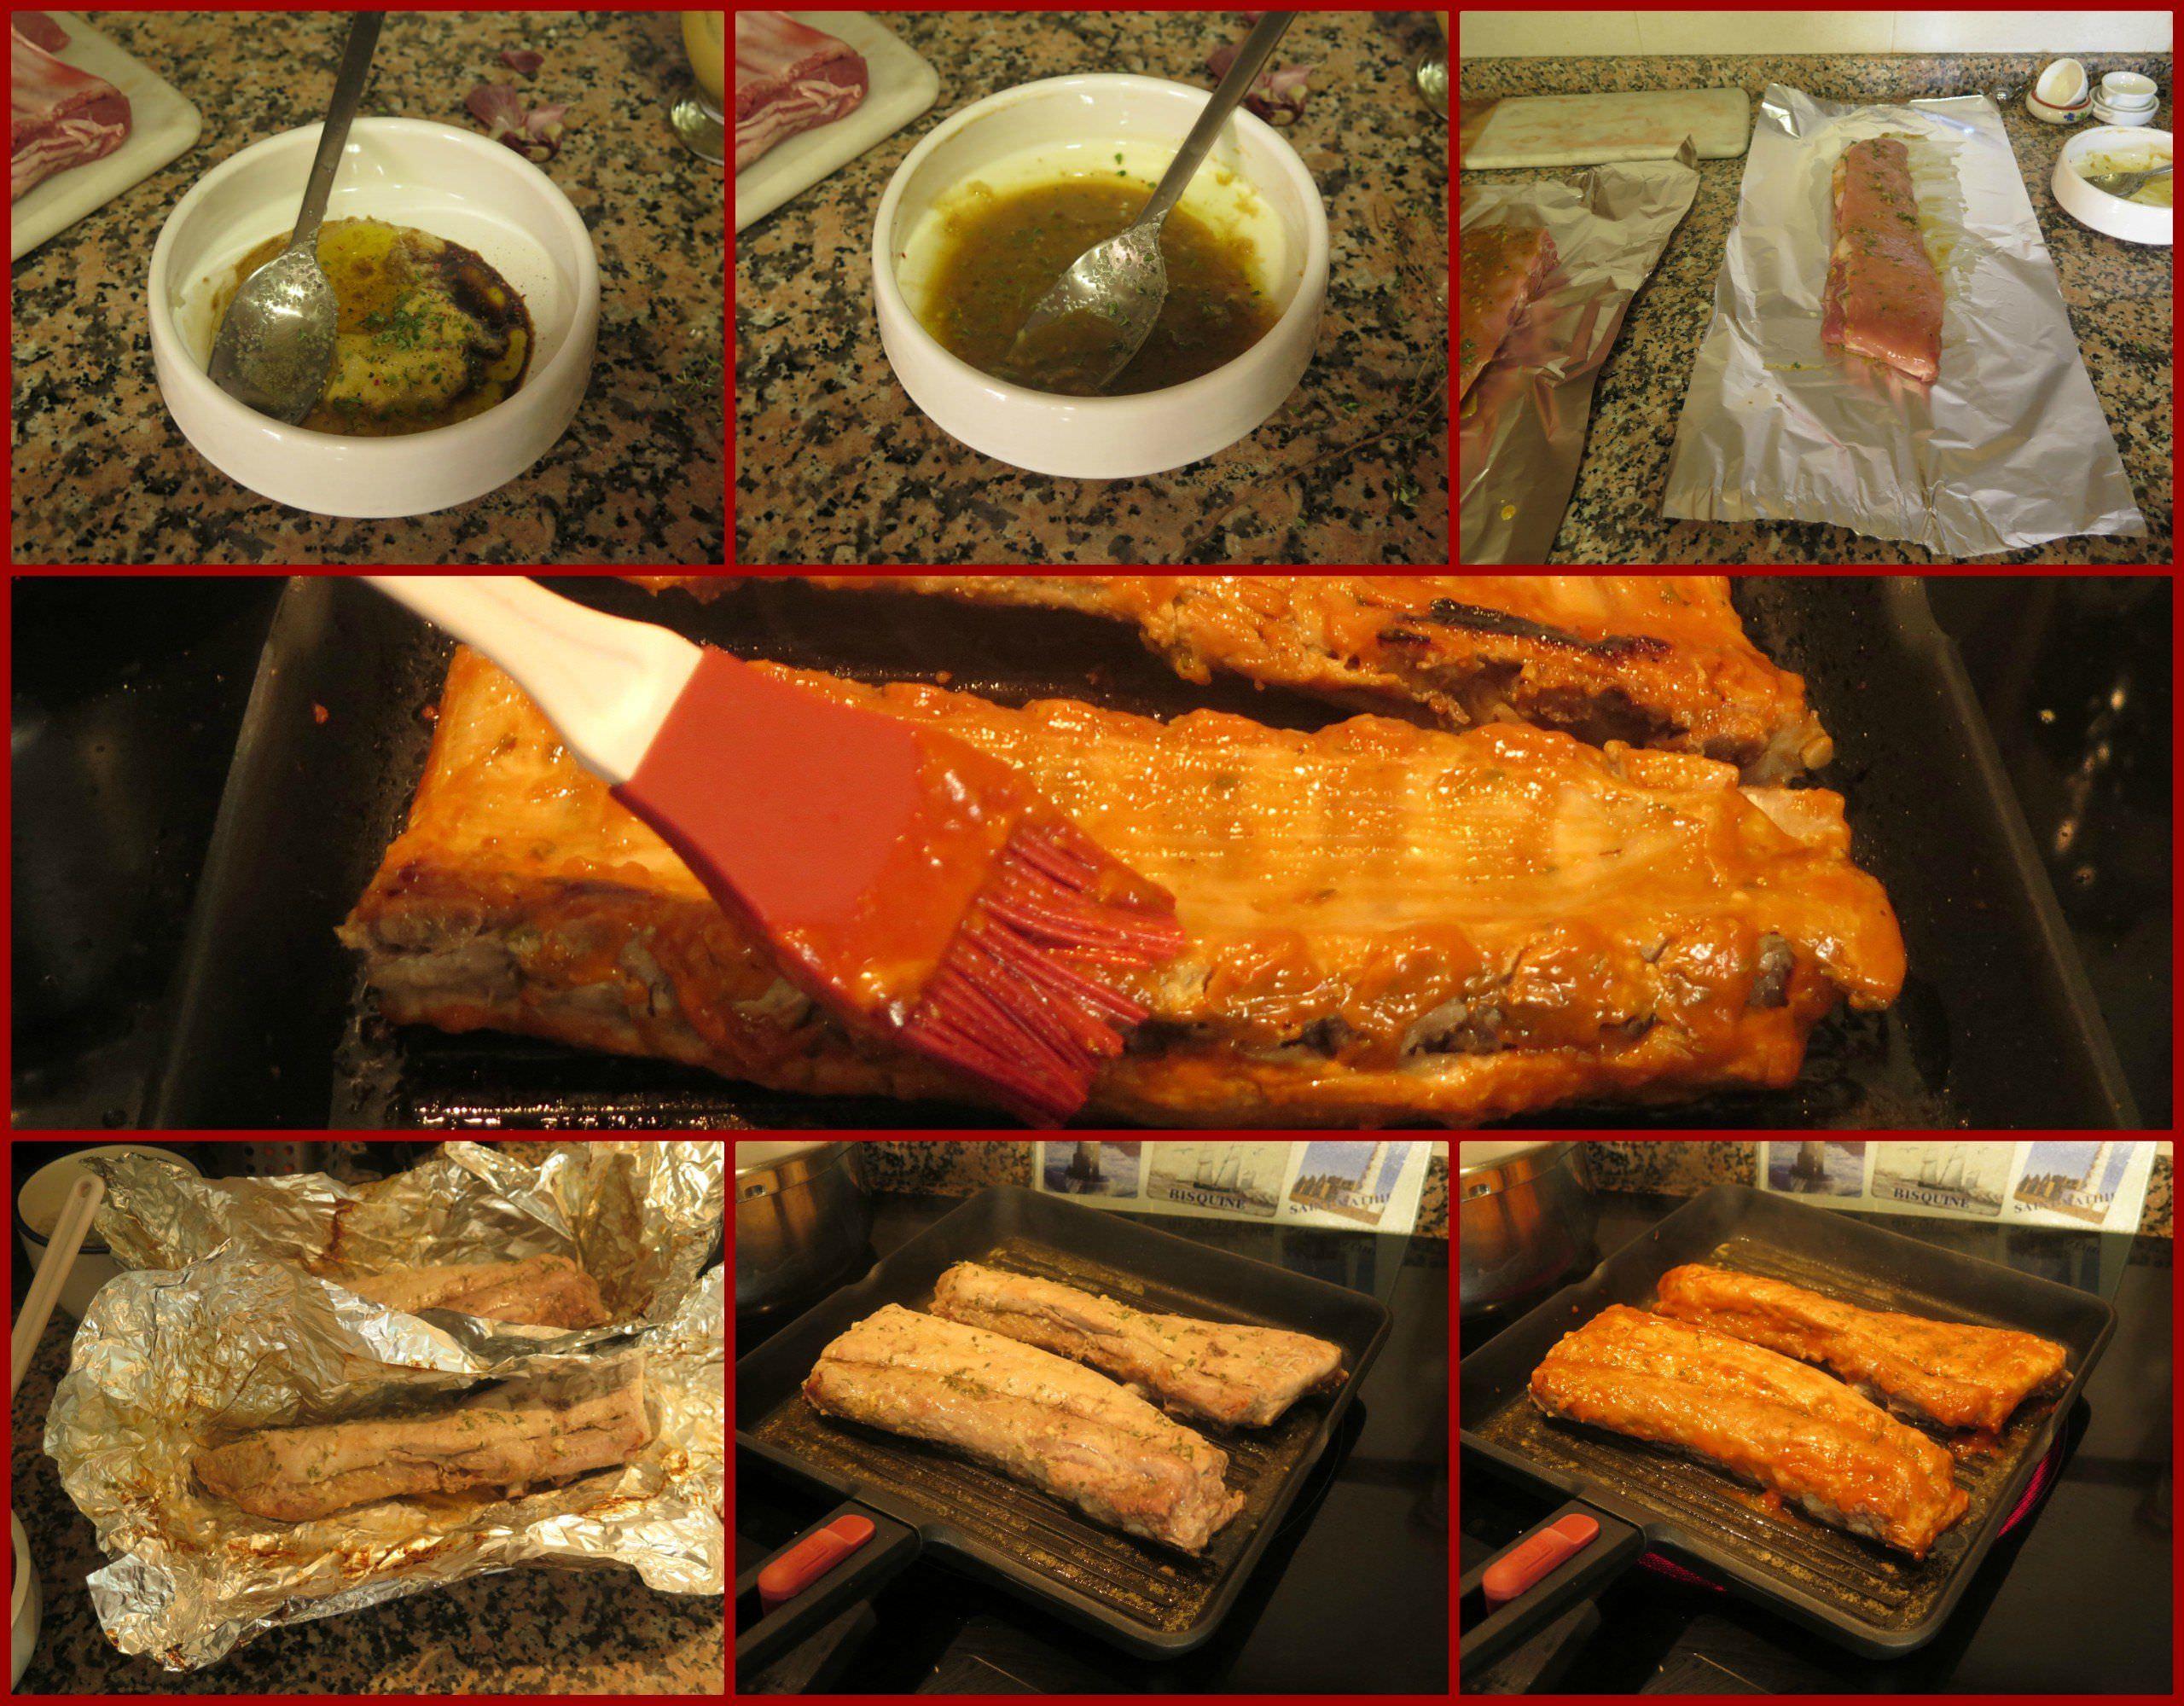 Pasos Costillas de Cerdo al Horno con Salsa Barbacoa